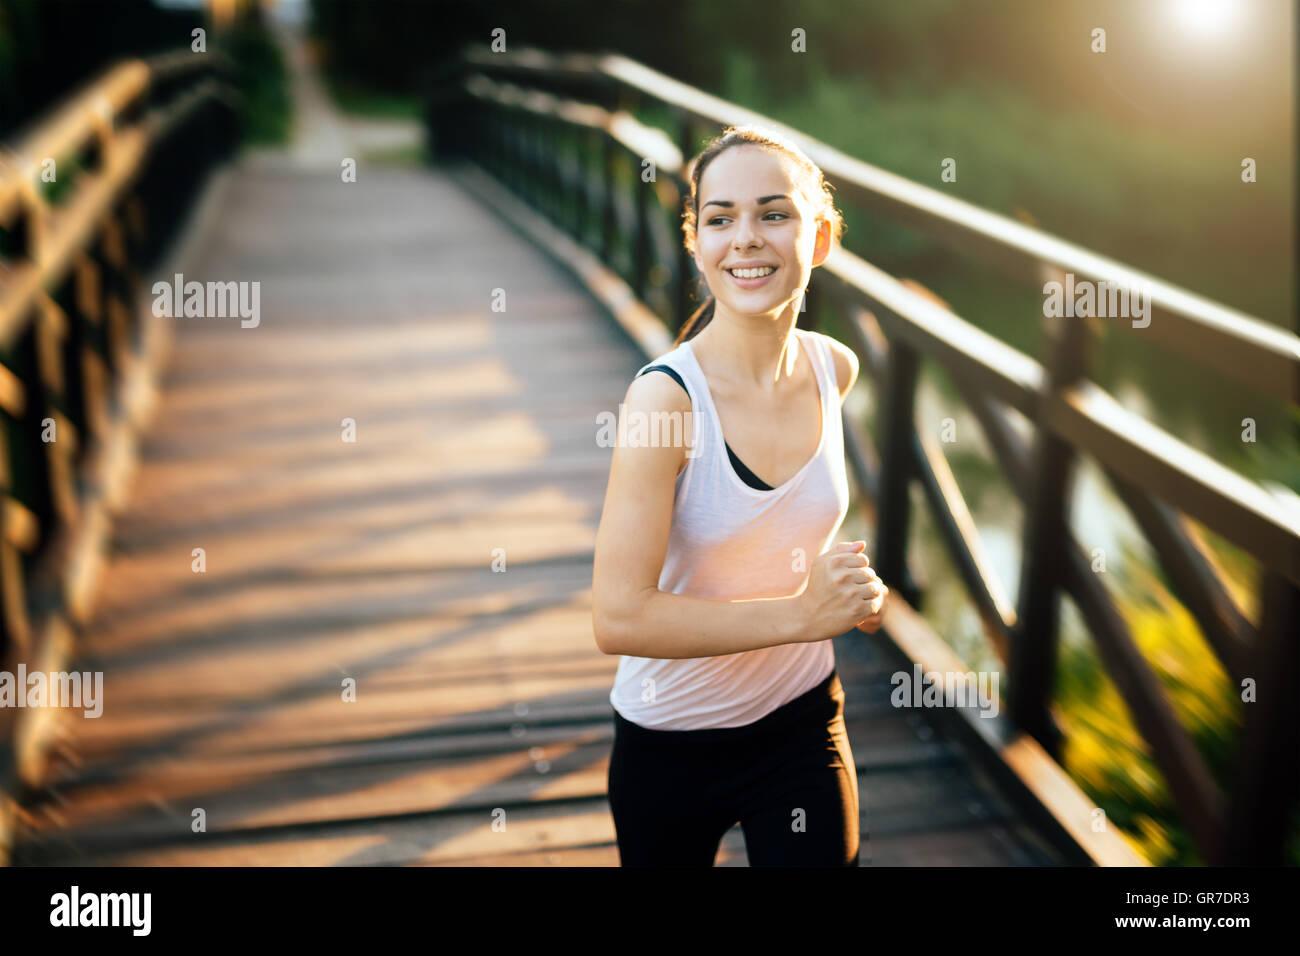 Sportliche Frau, die ein gesundes Leben Stockfoto